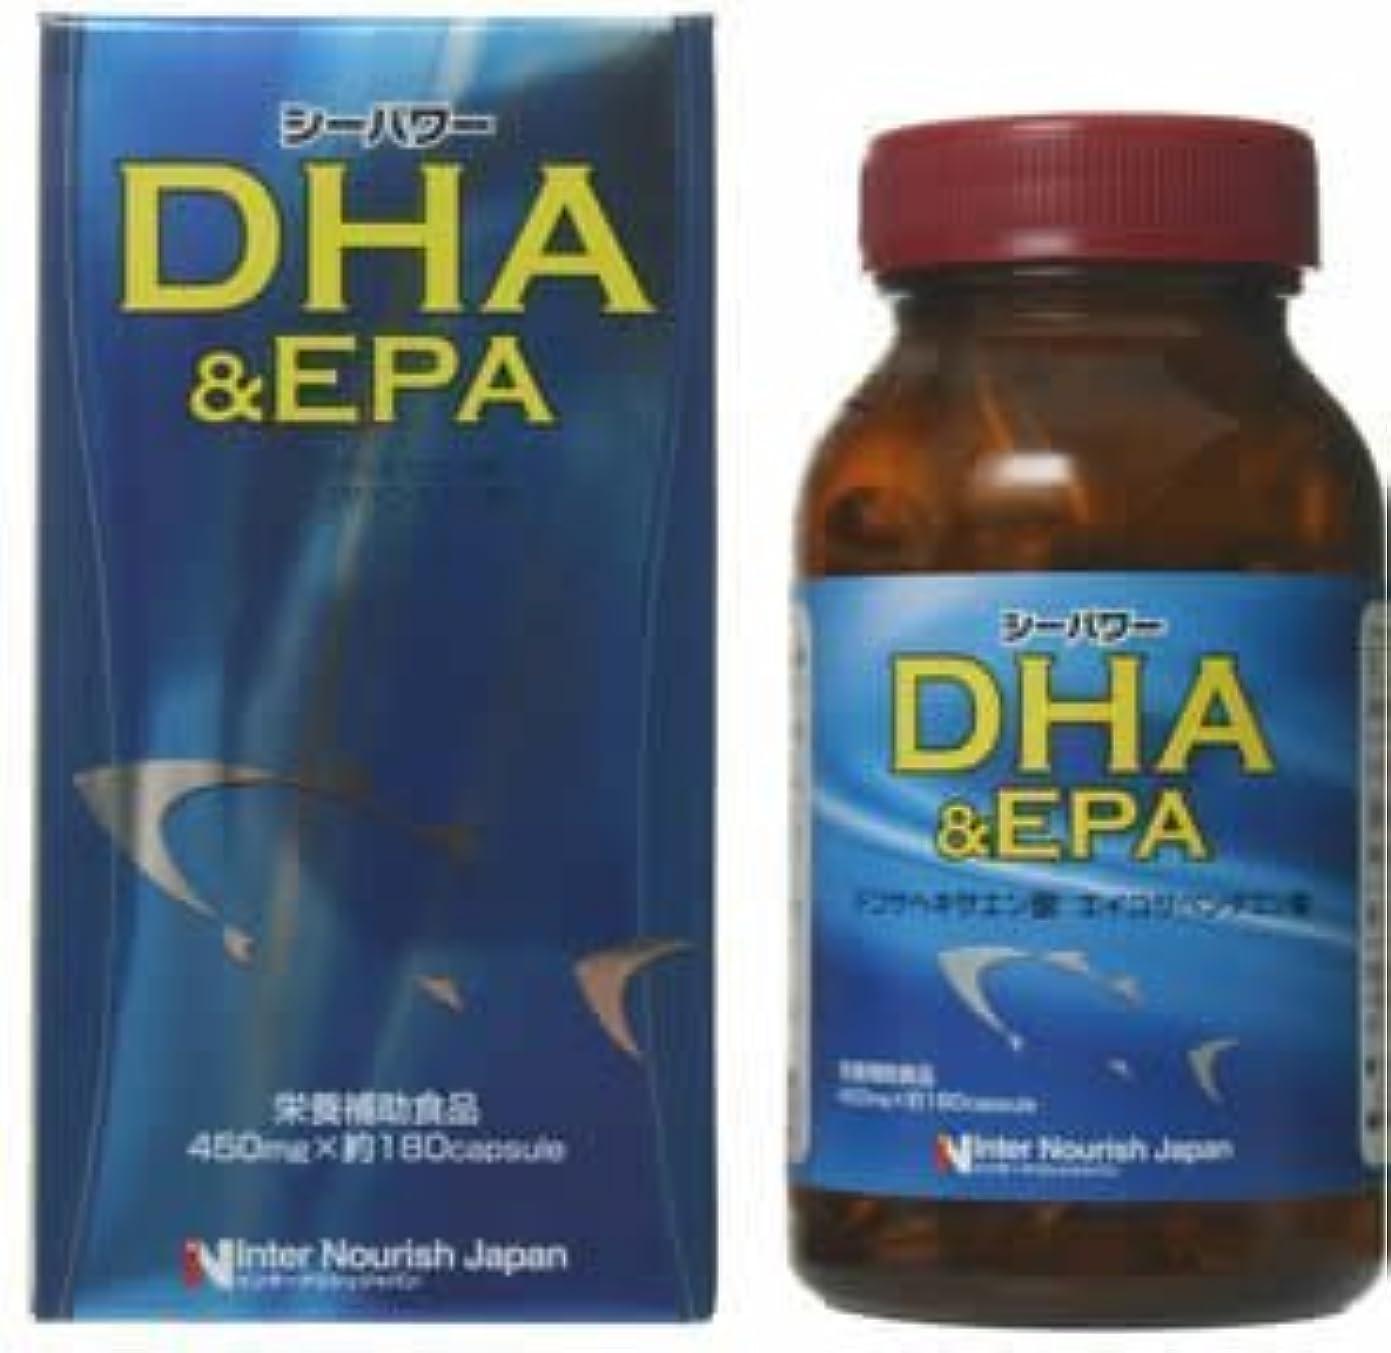 説明する評価する検出シーパワーDHA+EPA 450mg×180粒